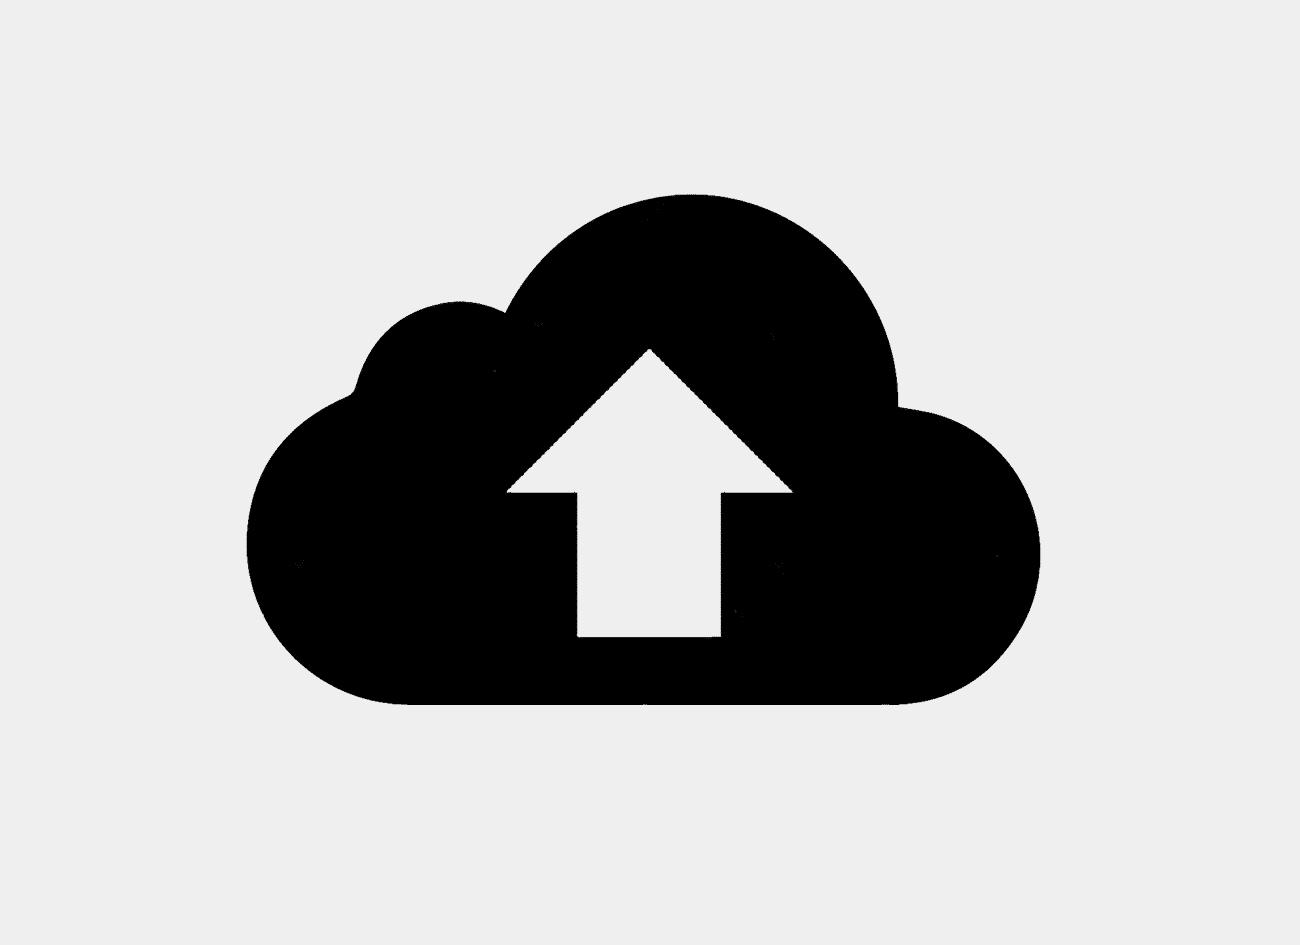 Servicio de hosting con extras de rapidez y seguridad en InPut Creativity SL